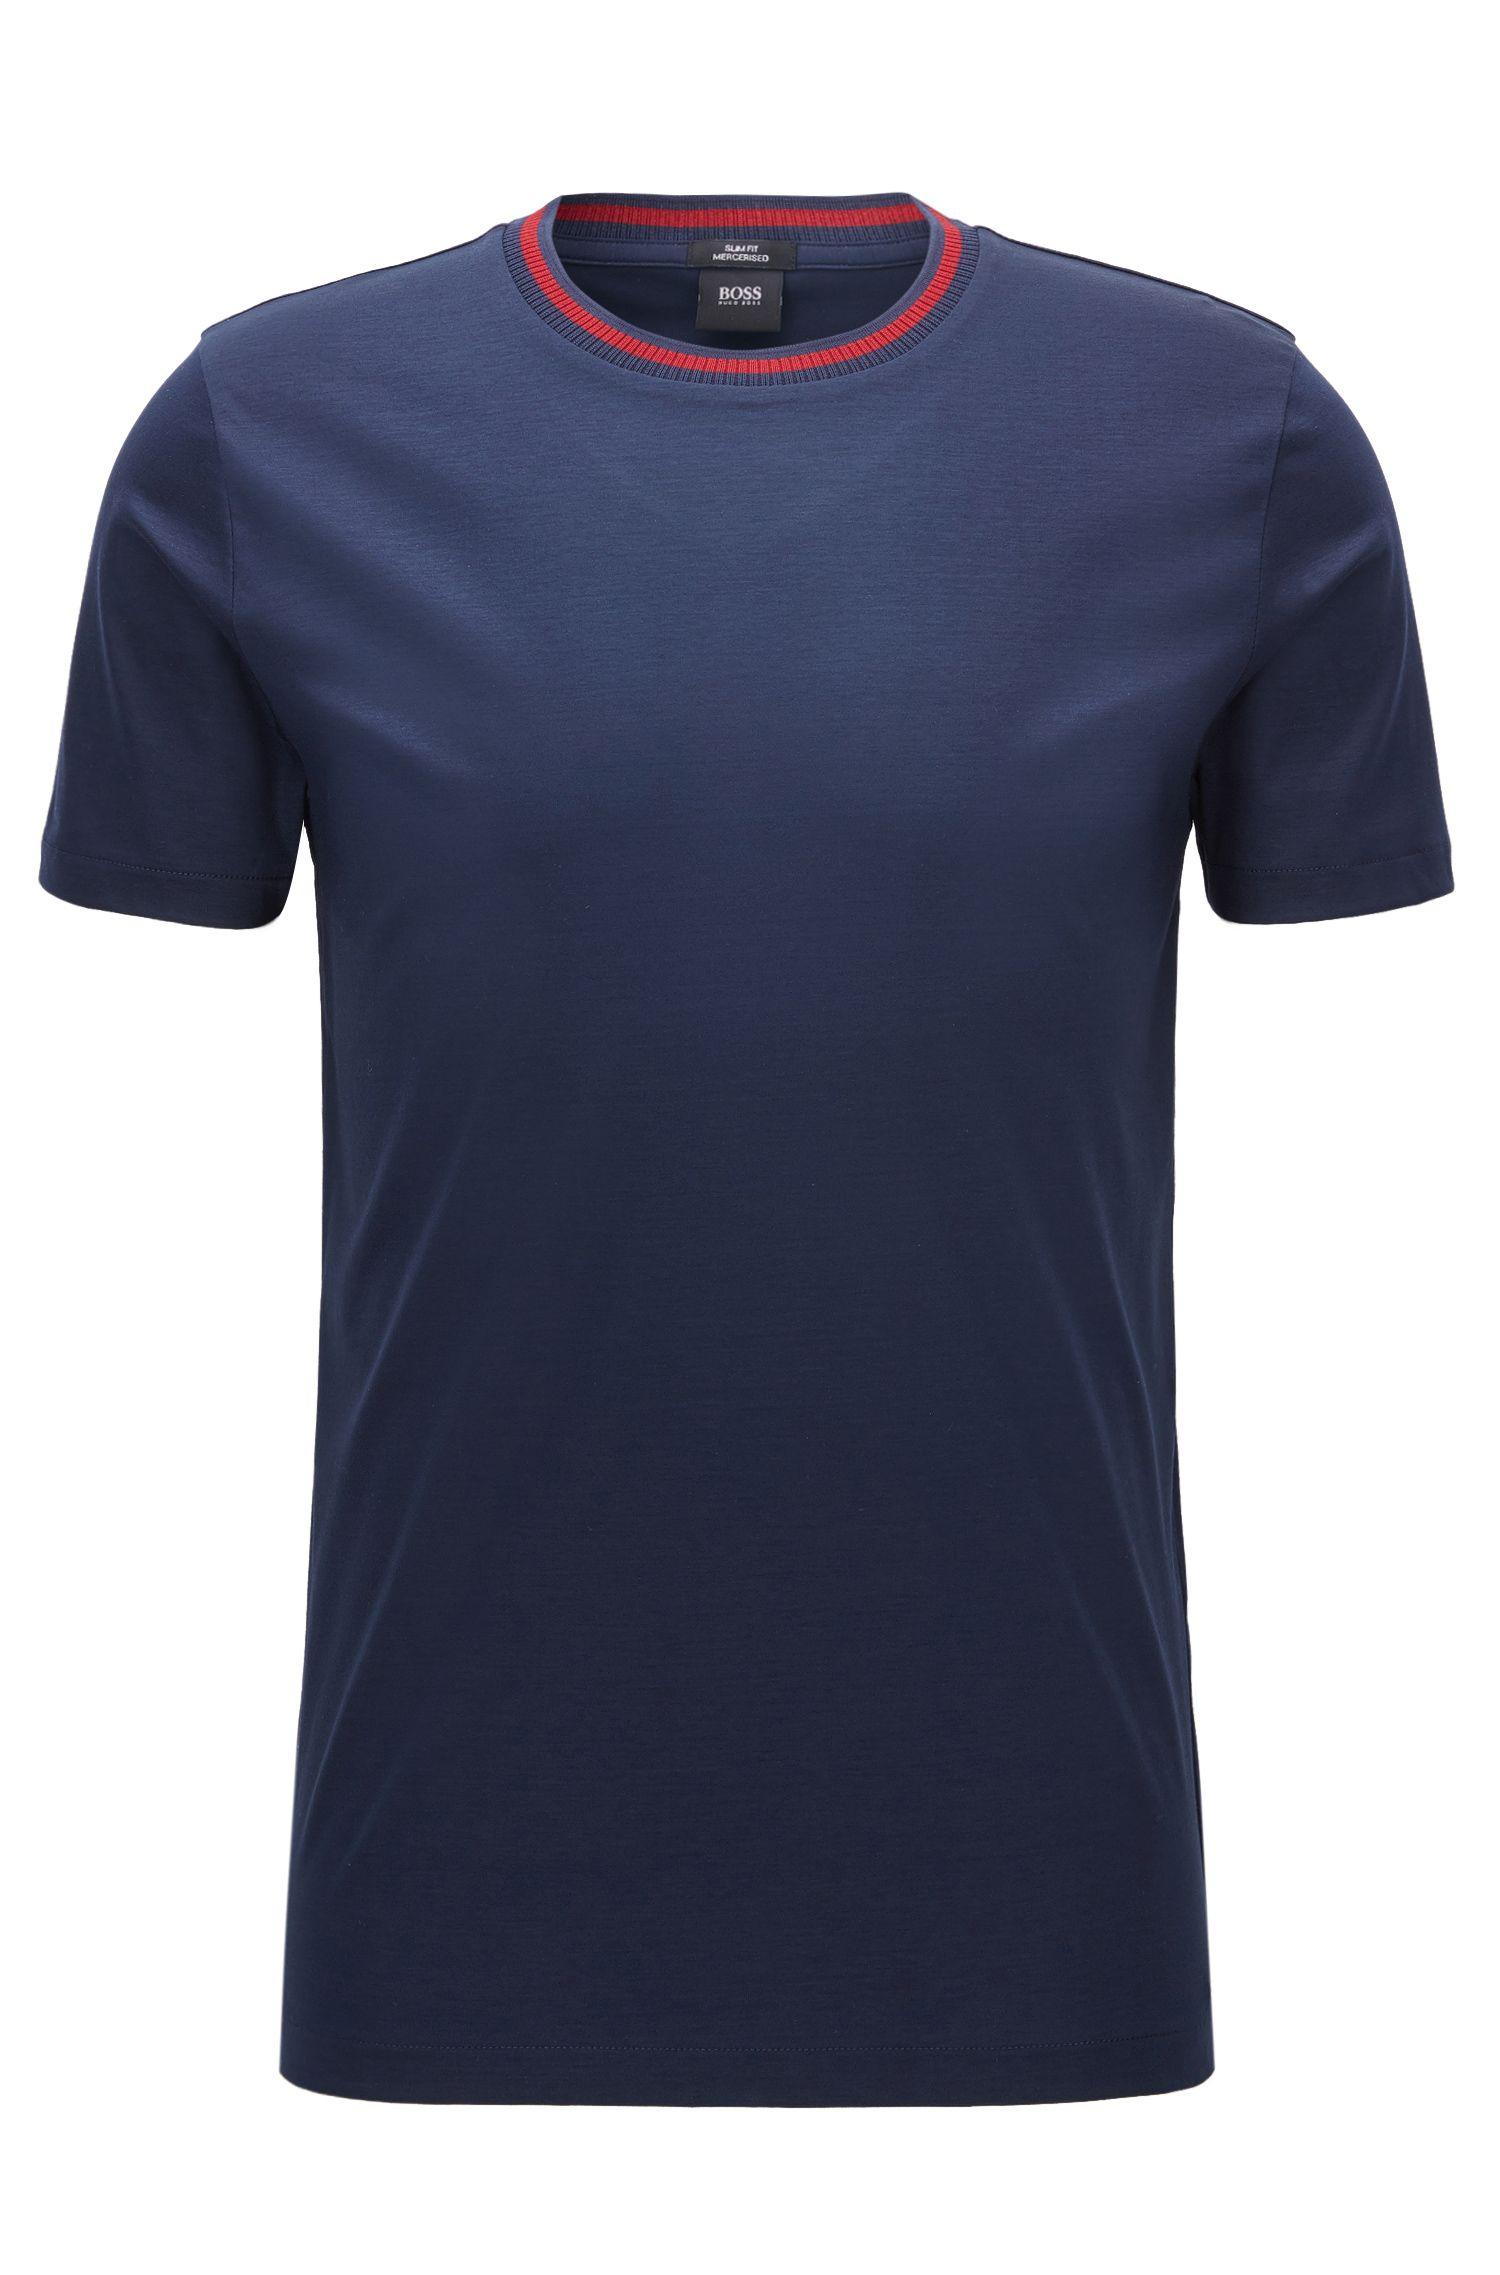 Slim-Fit T-Shirt aus merzerisierter Baumwolle mit kontrastfarbenem Ausschnitt